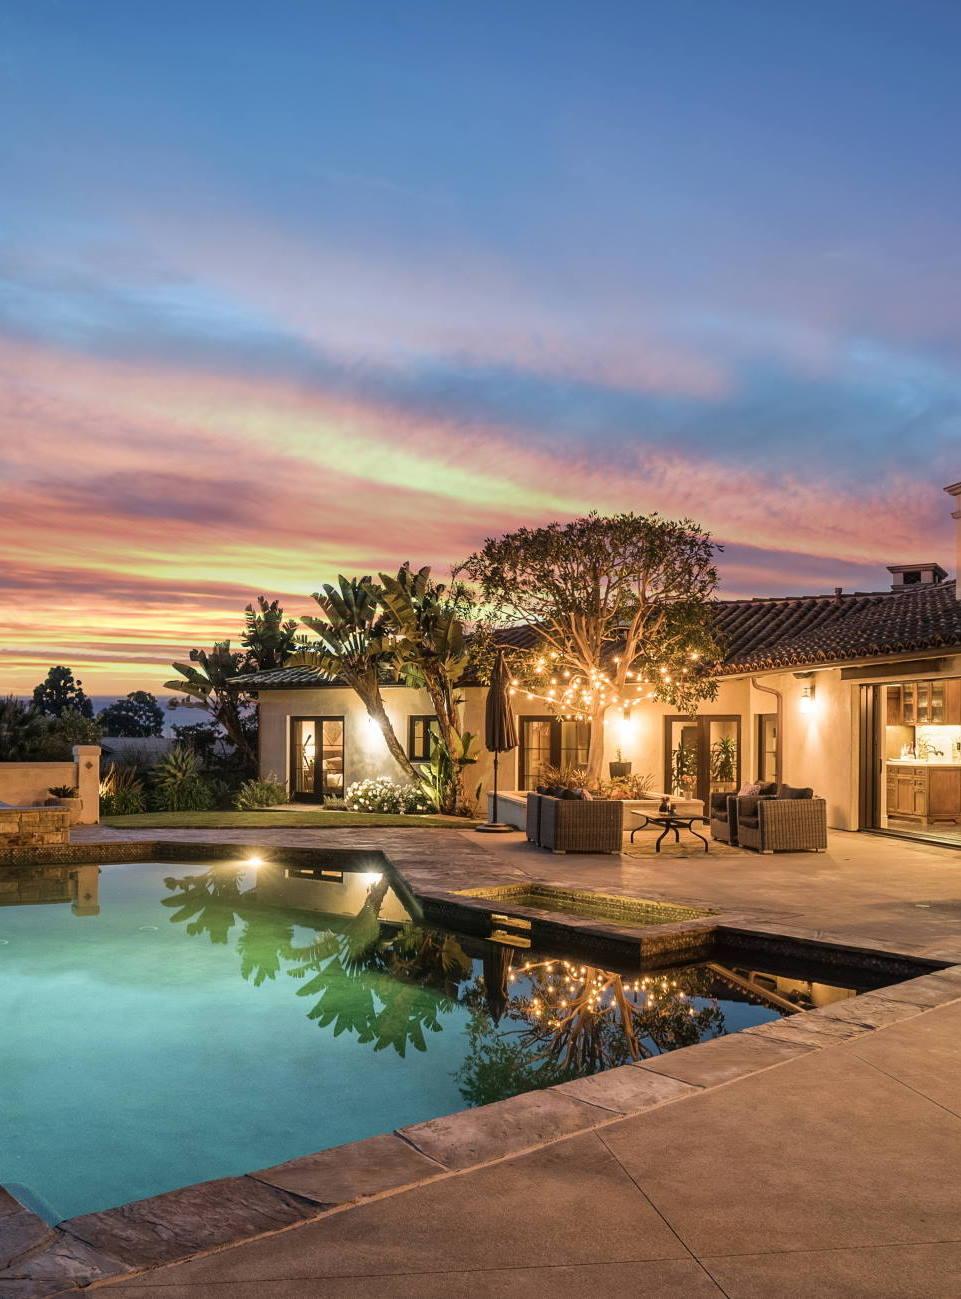 Palos Verdes Estates home